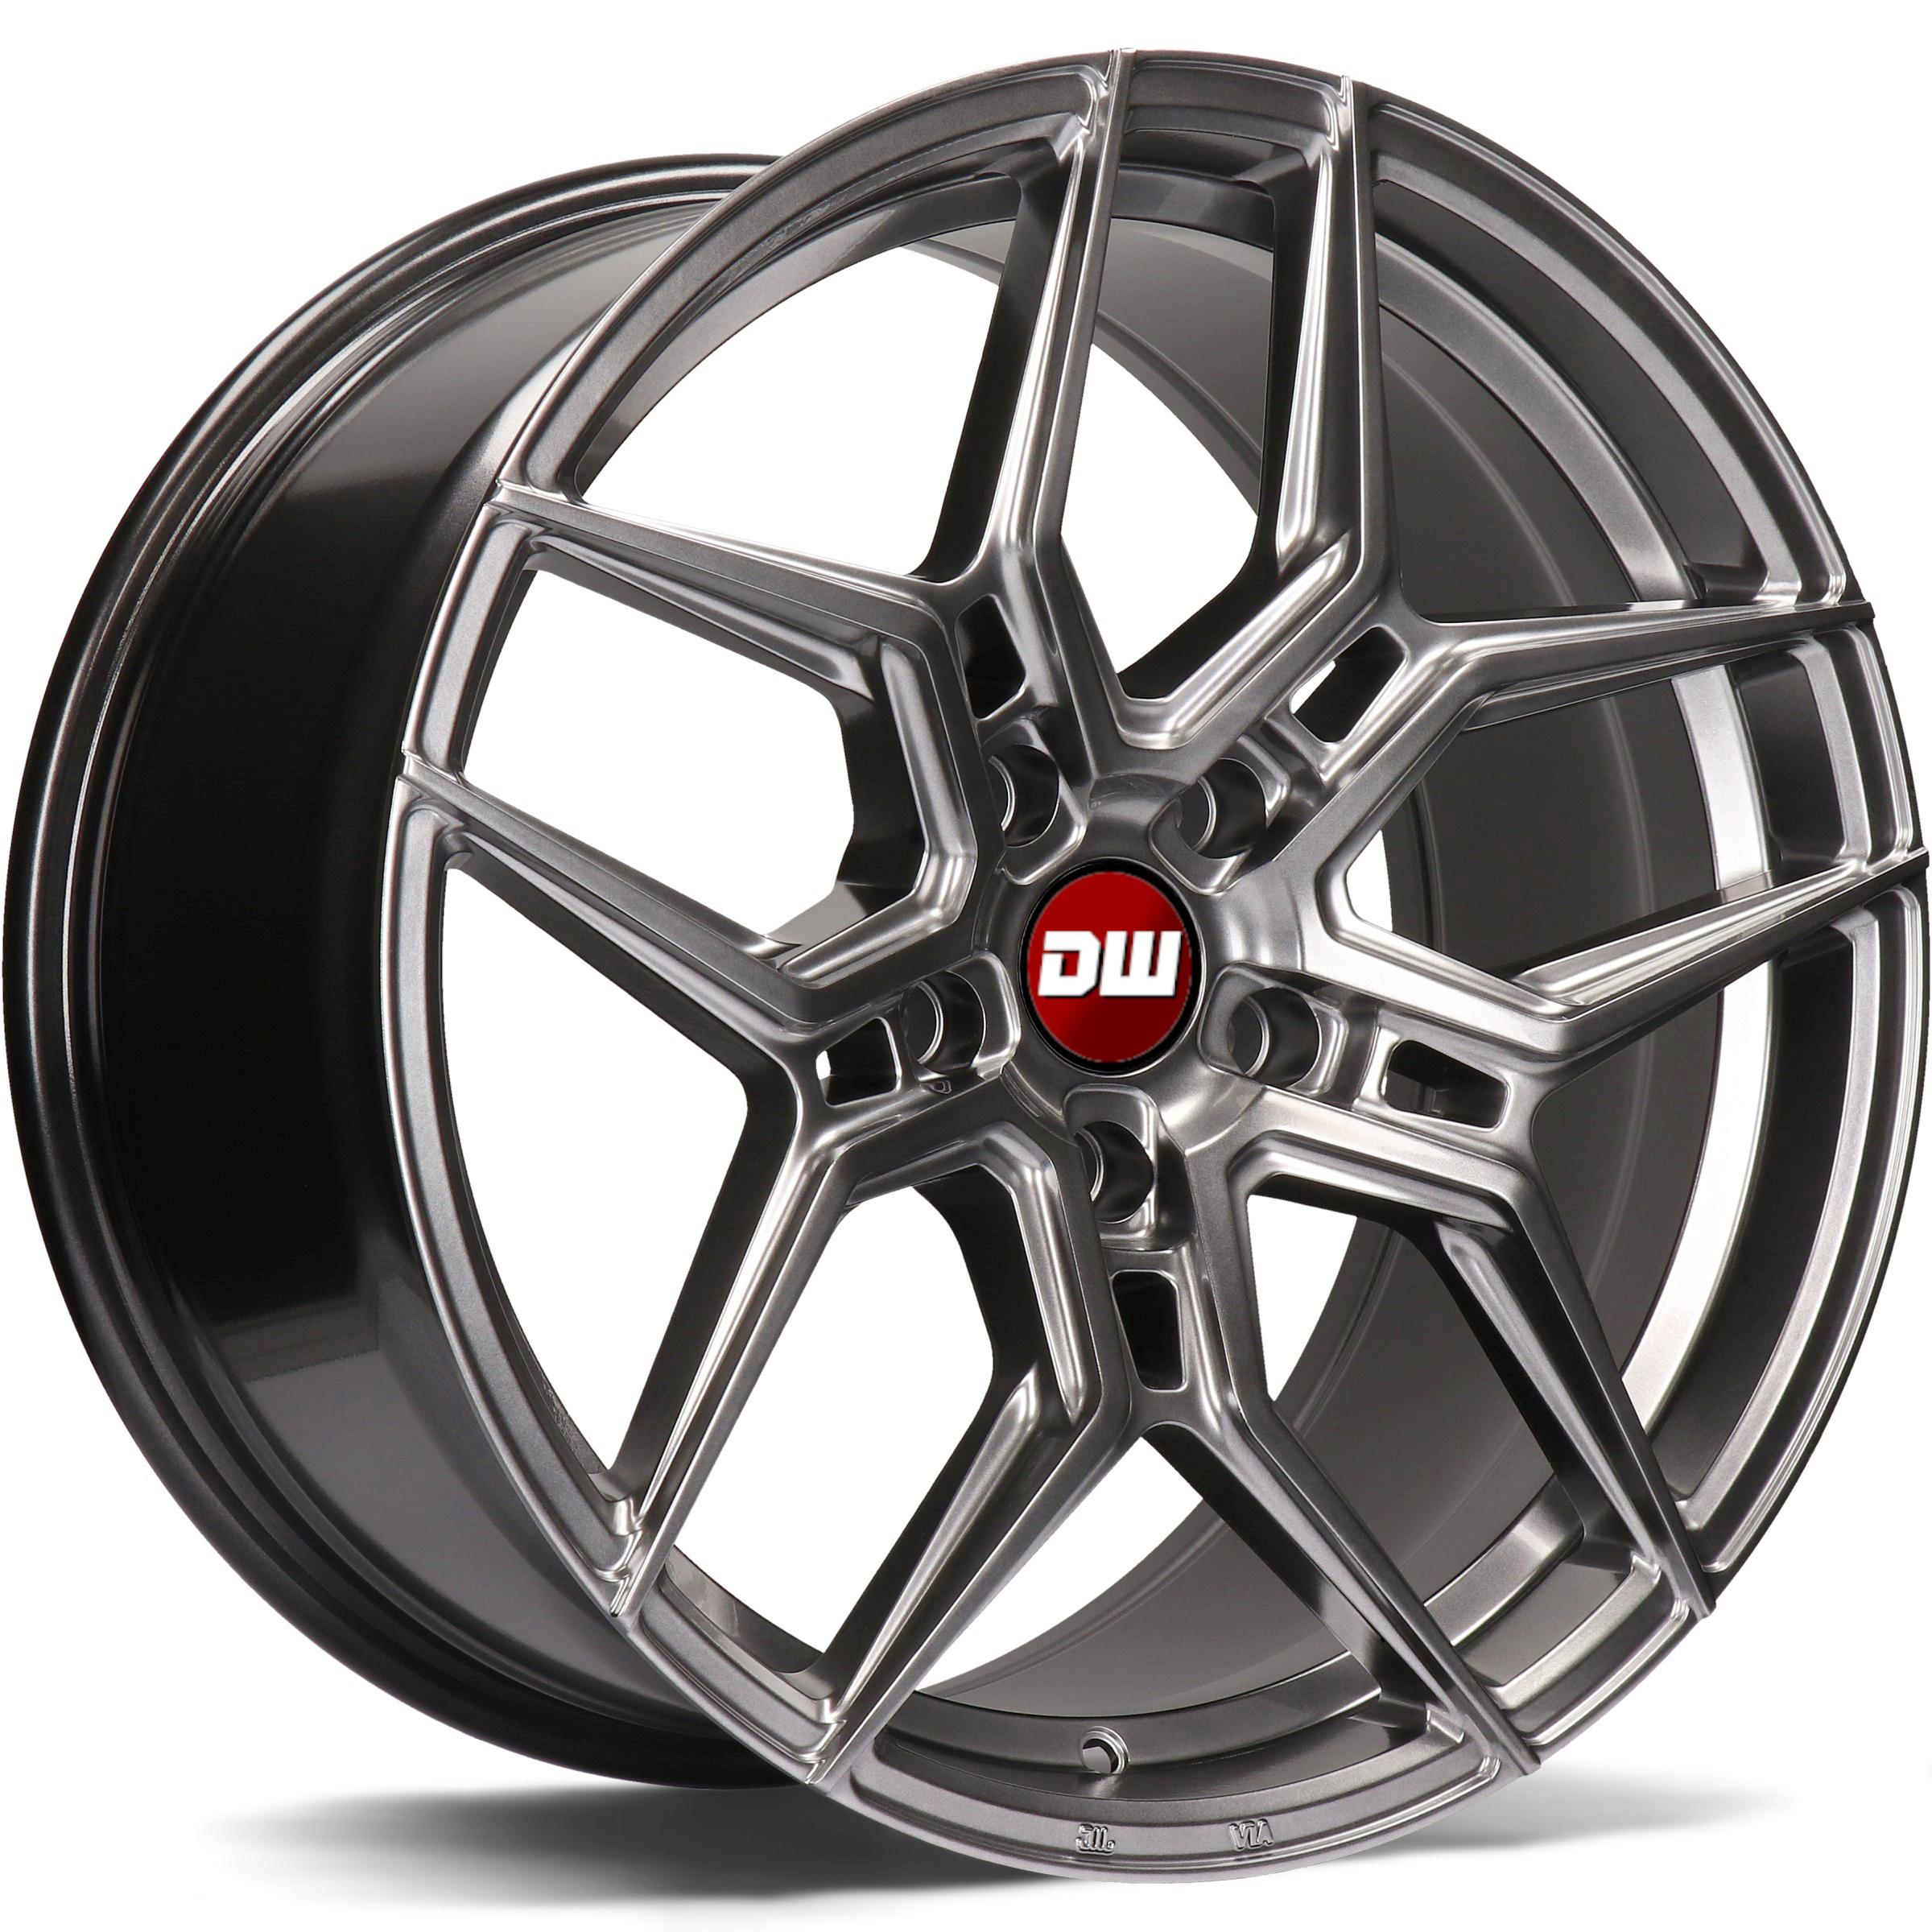 DW Wheels DWV-B [8x18] ET35 5x112